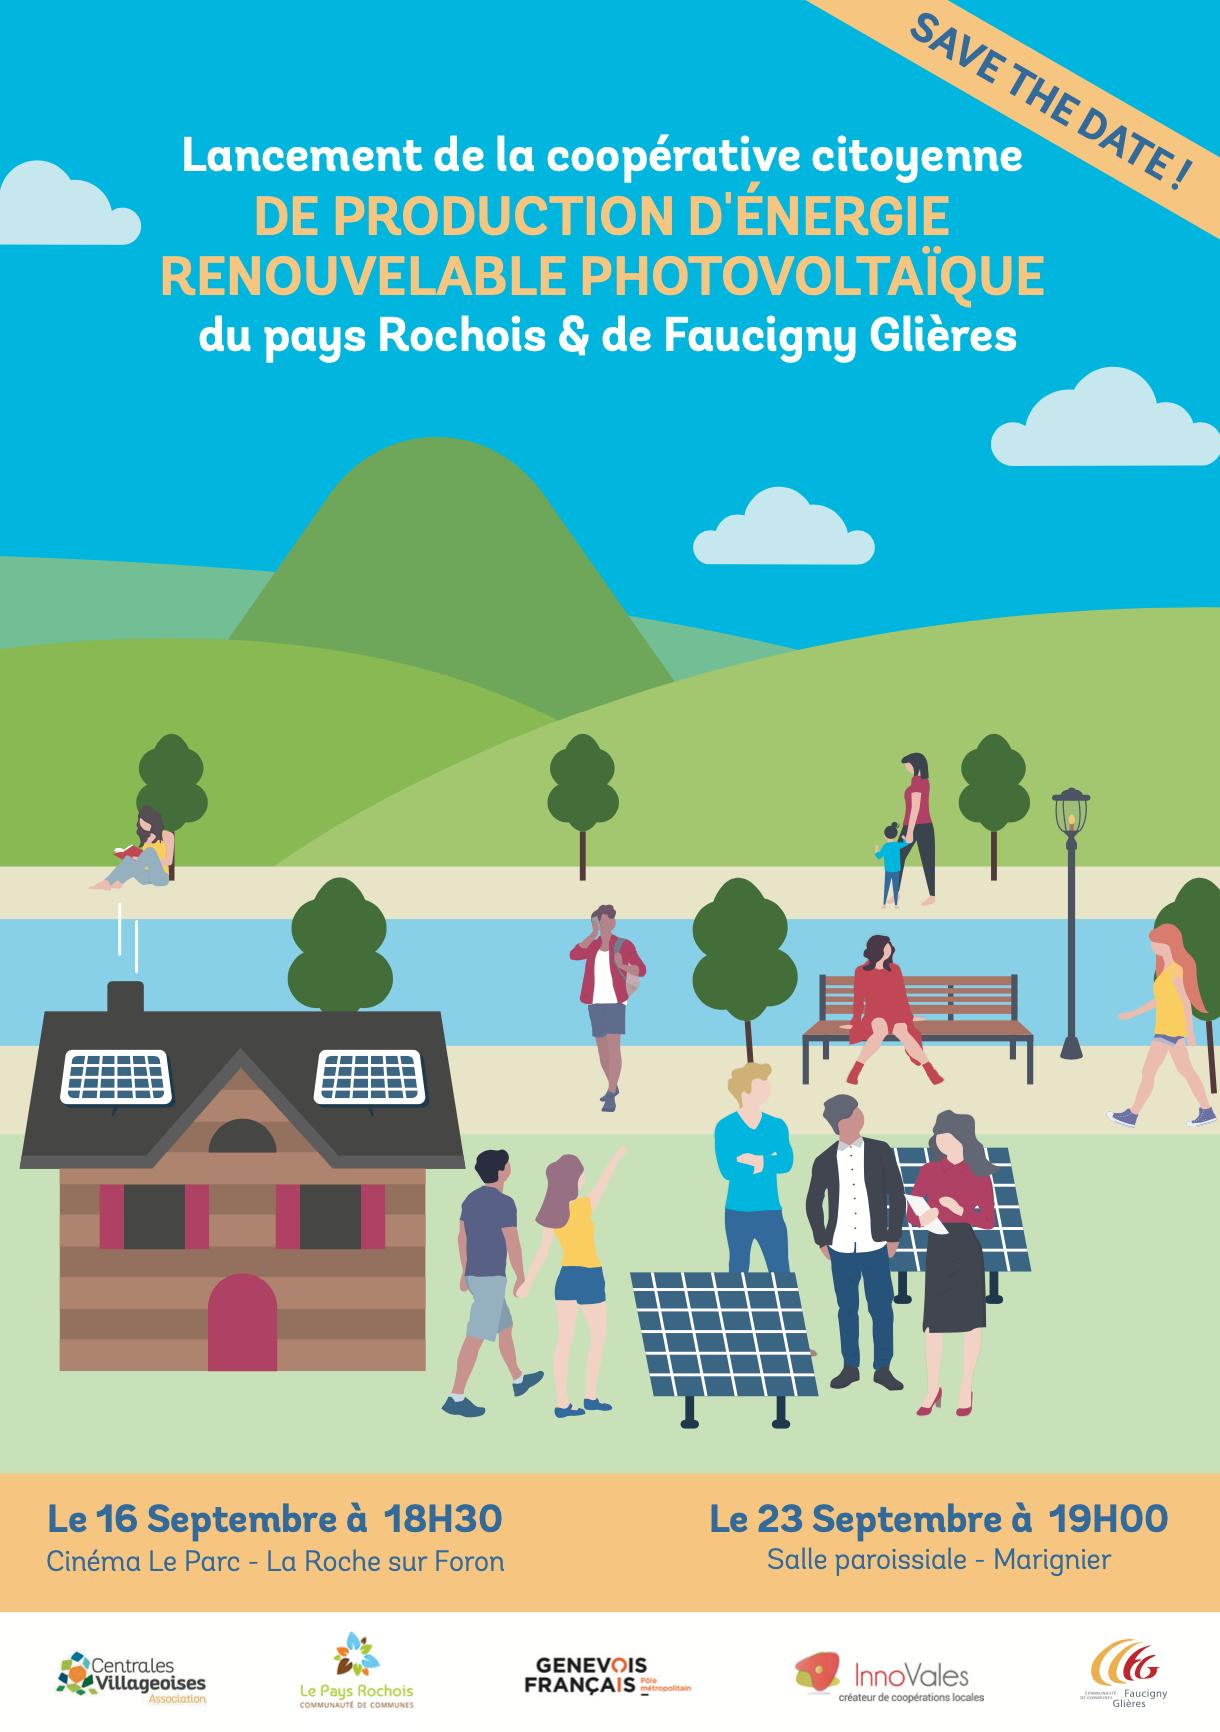 Capture decran 2021 08 16 a 16.46.12 - Marignier - Coopérative citoyenne de production d'énergie photovoltaïque du Pays Rochois & Faucigny Glières